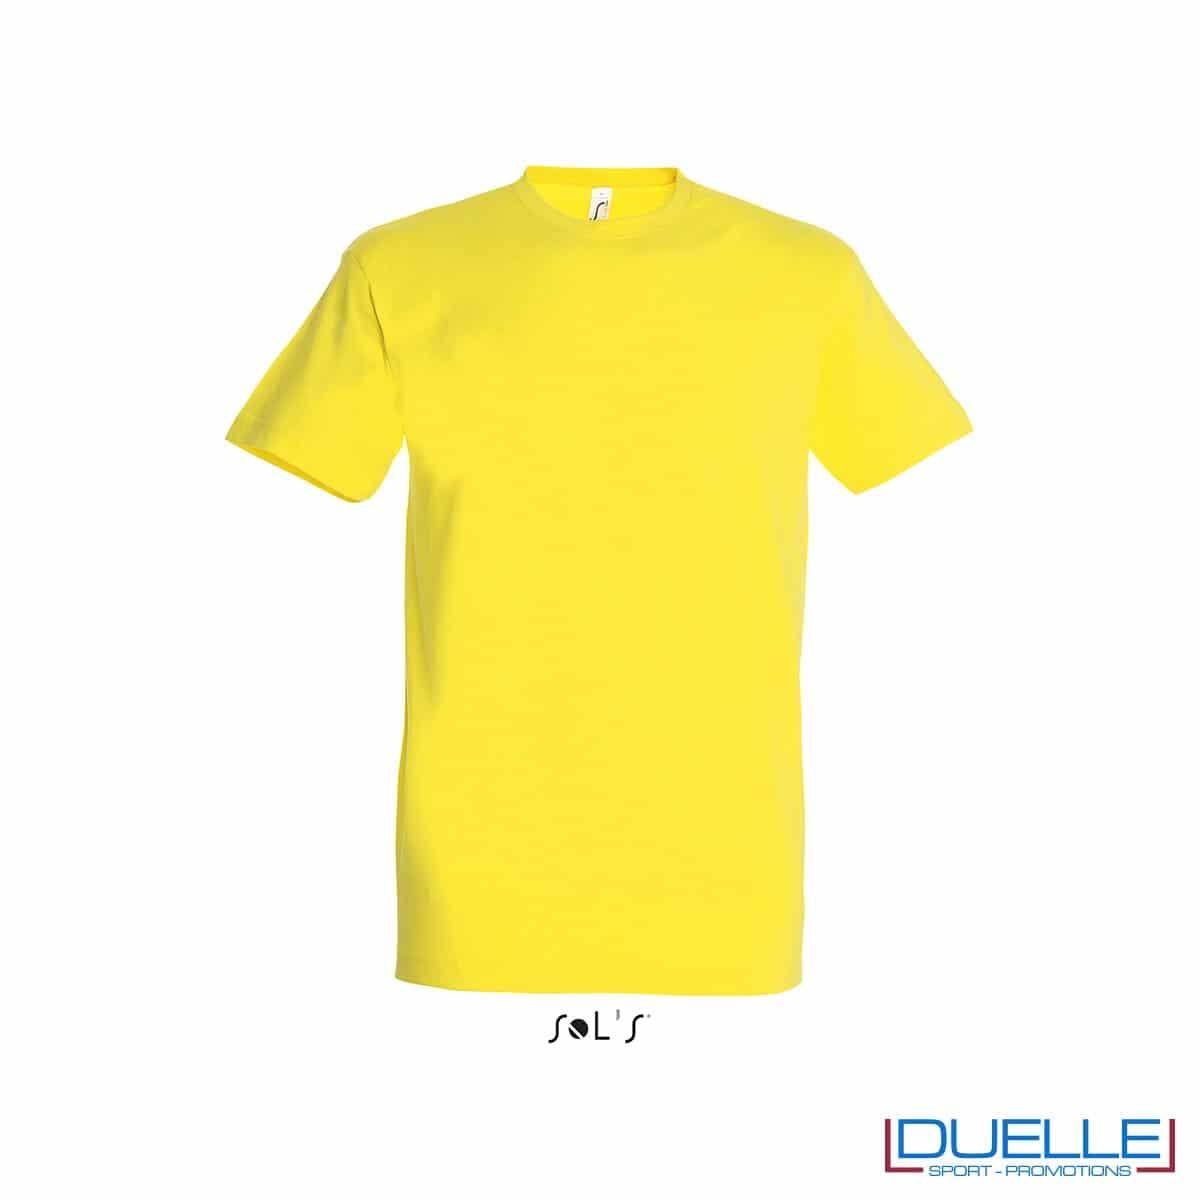 Tshirt promozionale in cotone pesante colore giallo limone personalizzata con stampa o ricamo